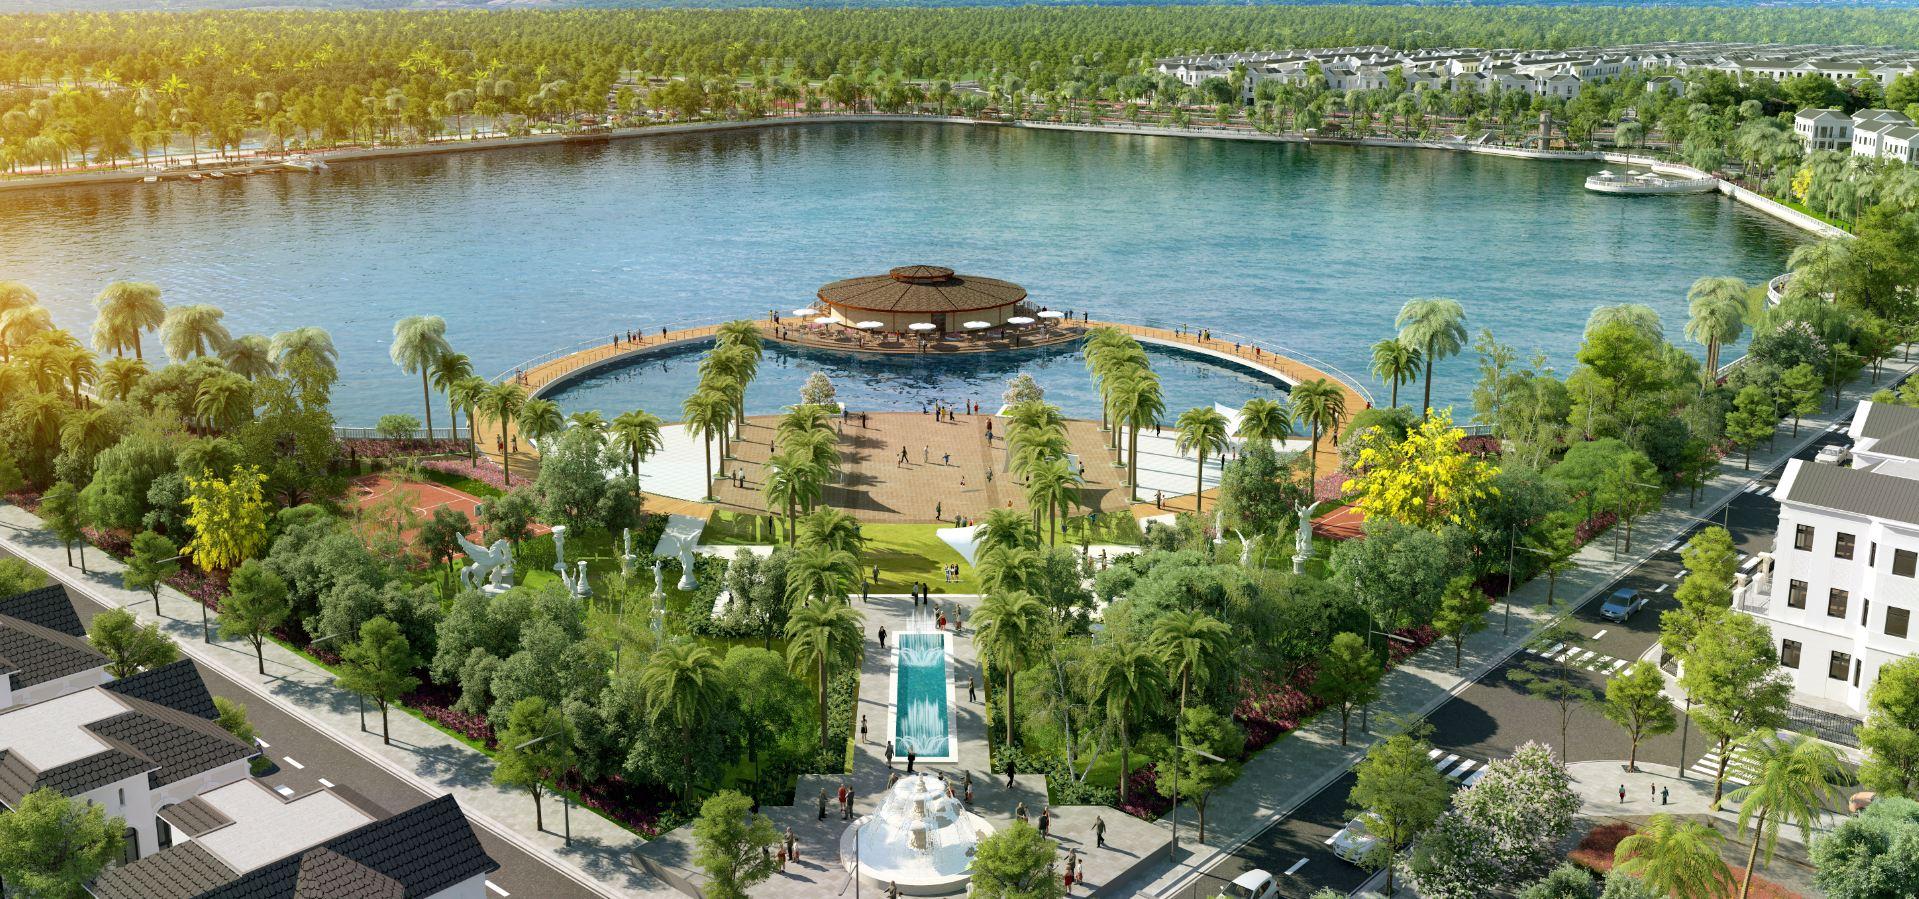 Vinhomes Riverside The Harmony - Công viên hồ điều hòa